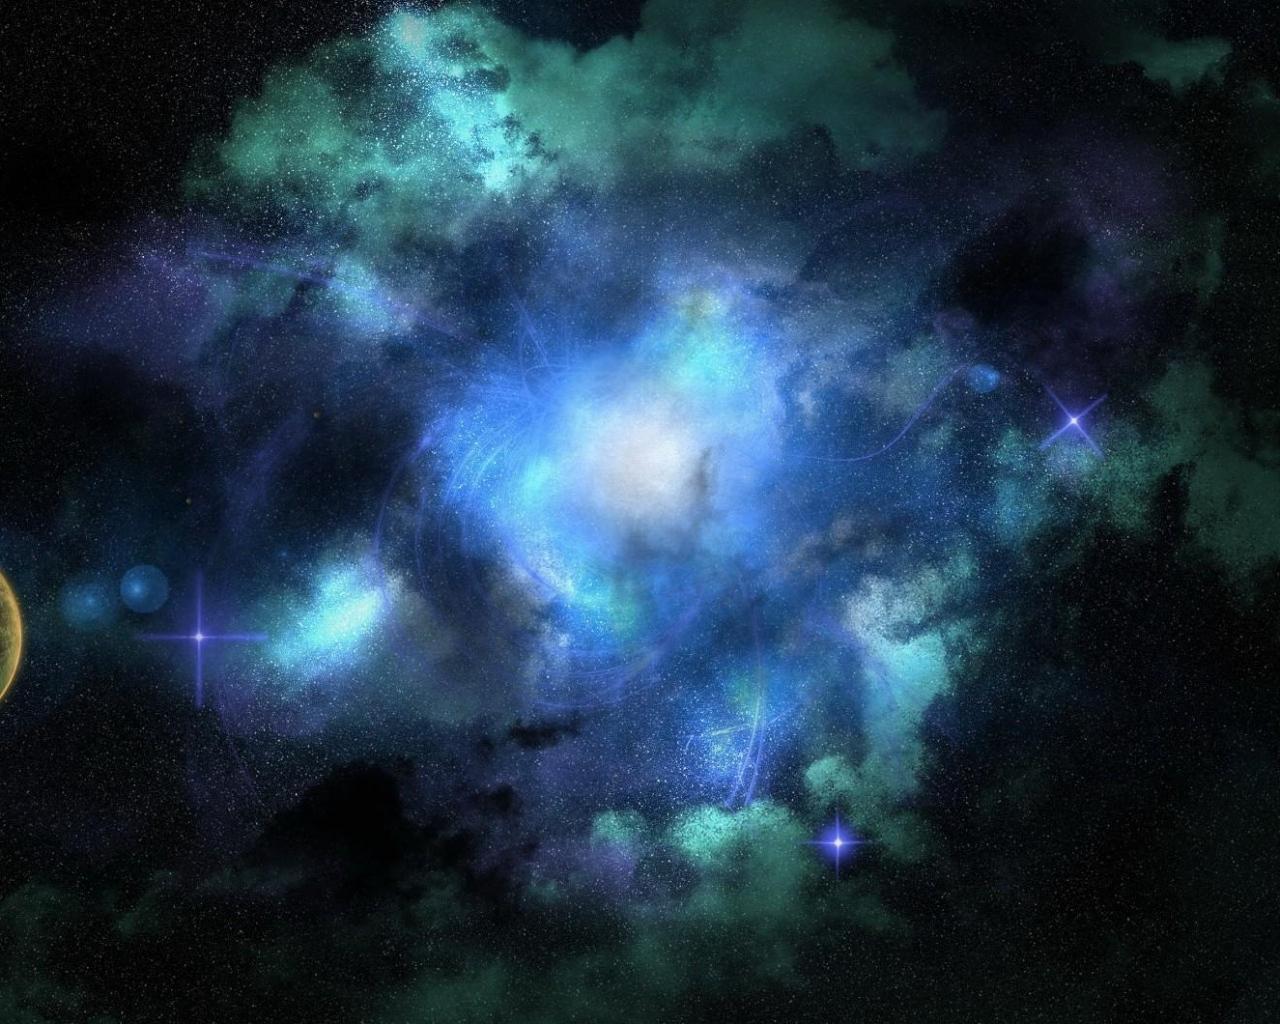 Planet universe stars nebula light 68886 1280x1024